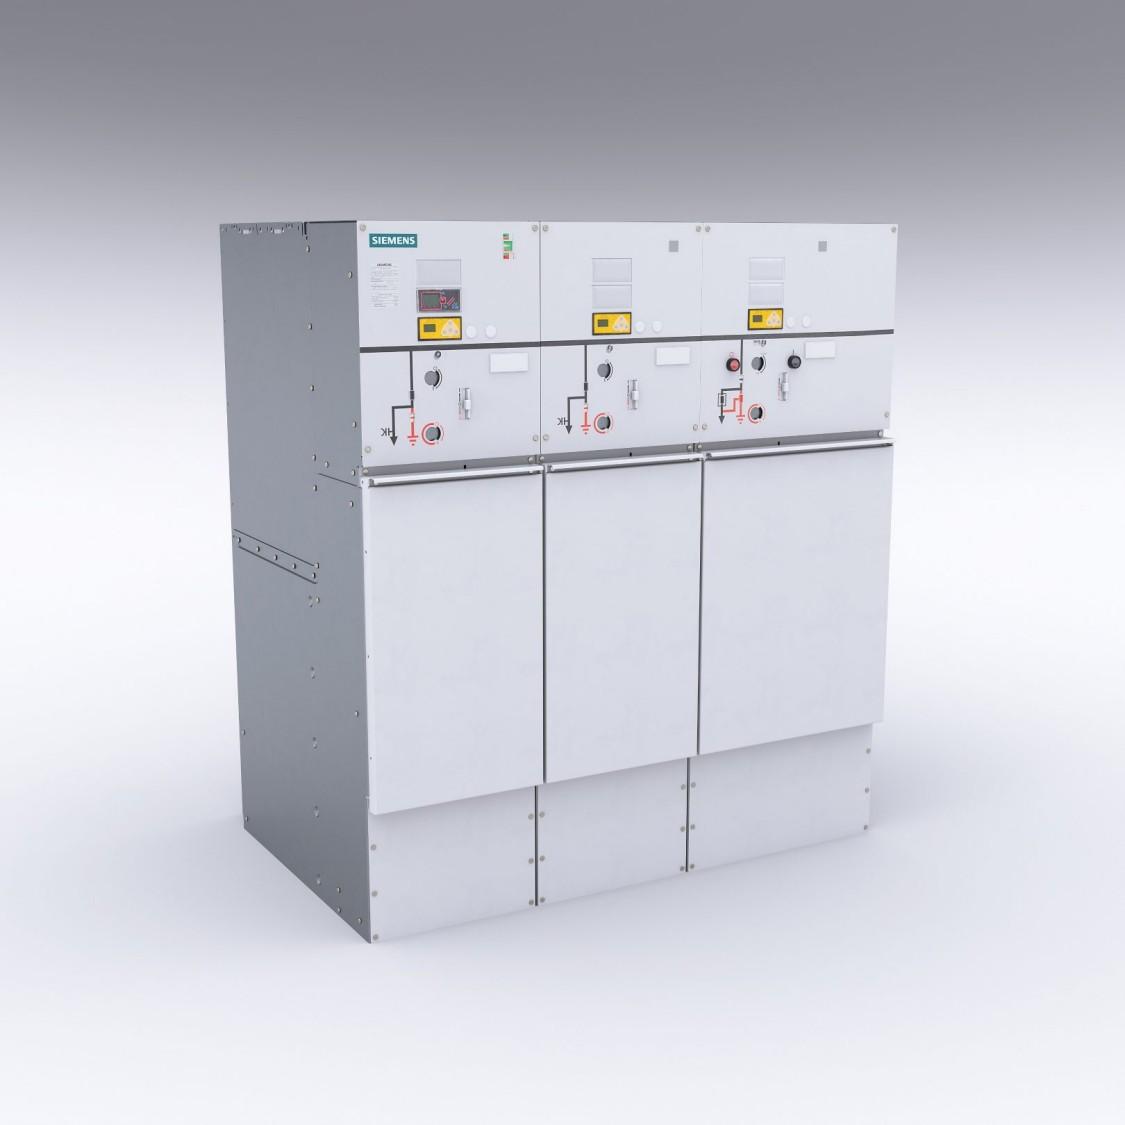 8DJH Rozdzielnica średniego napięcia 24 kV w izolacji gazowej